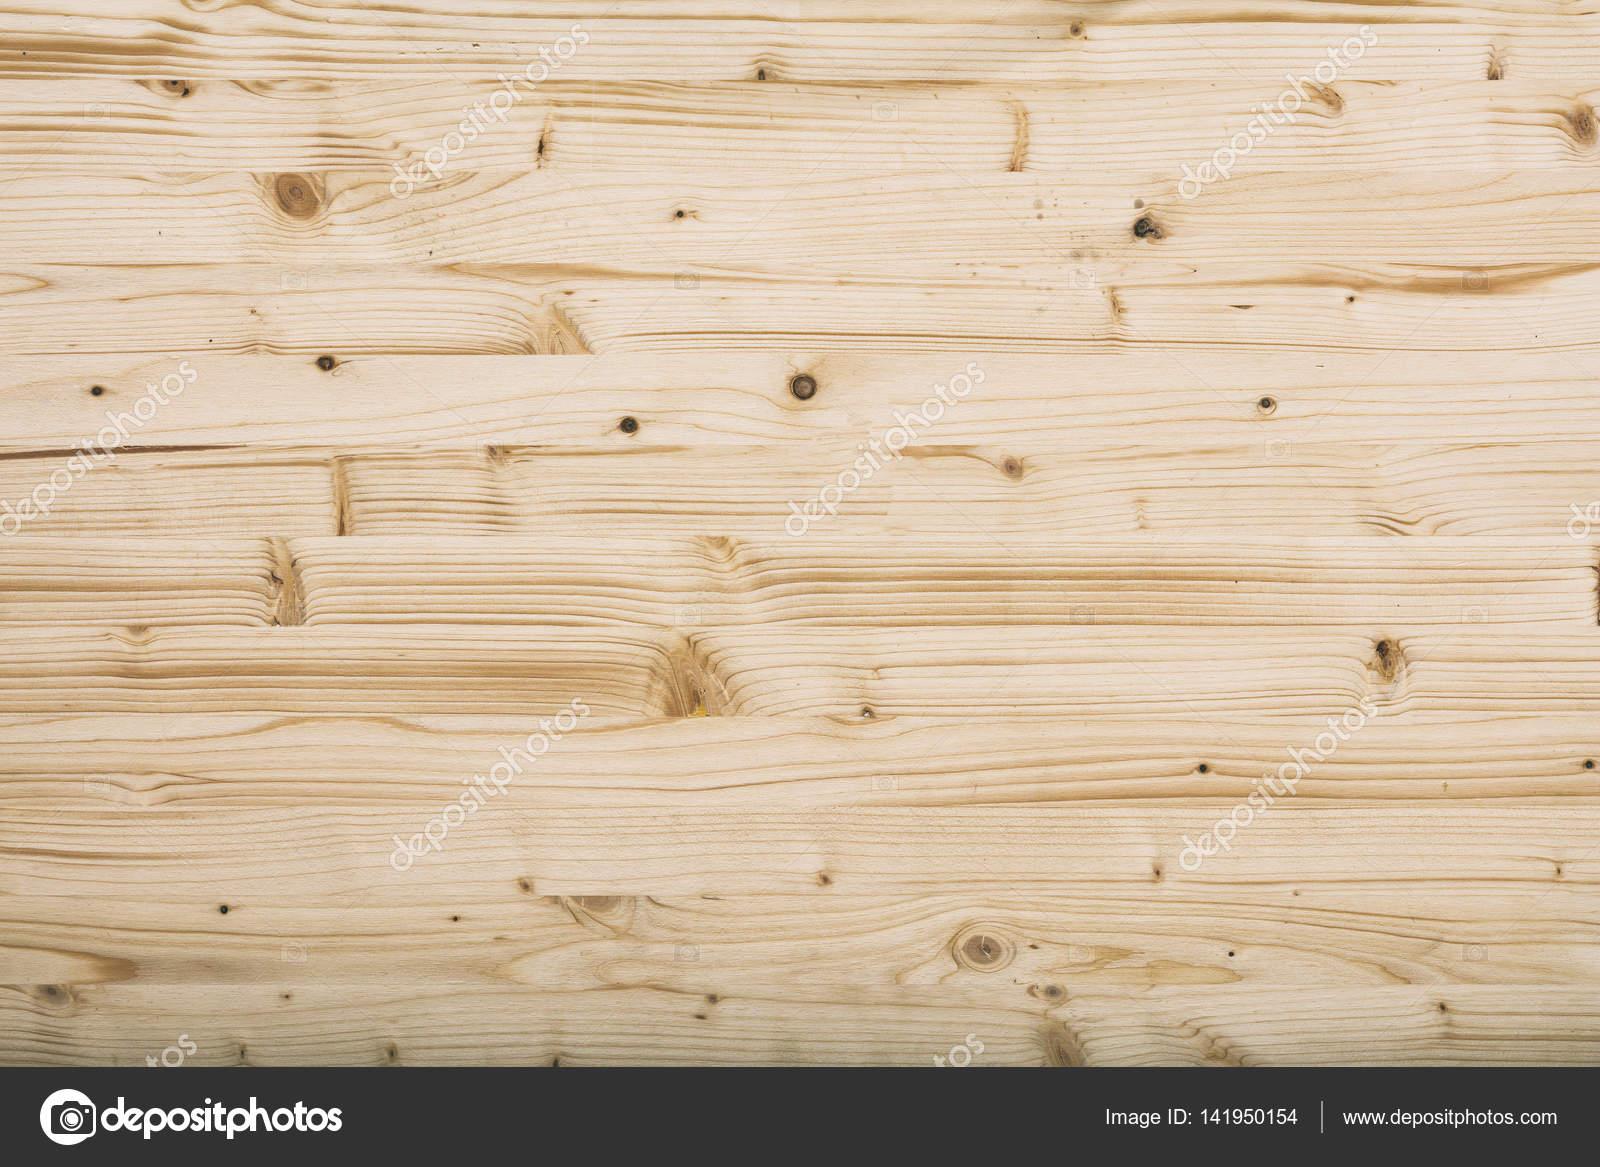 Sfondo naturale di tavole di legno di abete foto stock gioiak2 141950154 - Tavole di abete prezzi ...